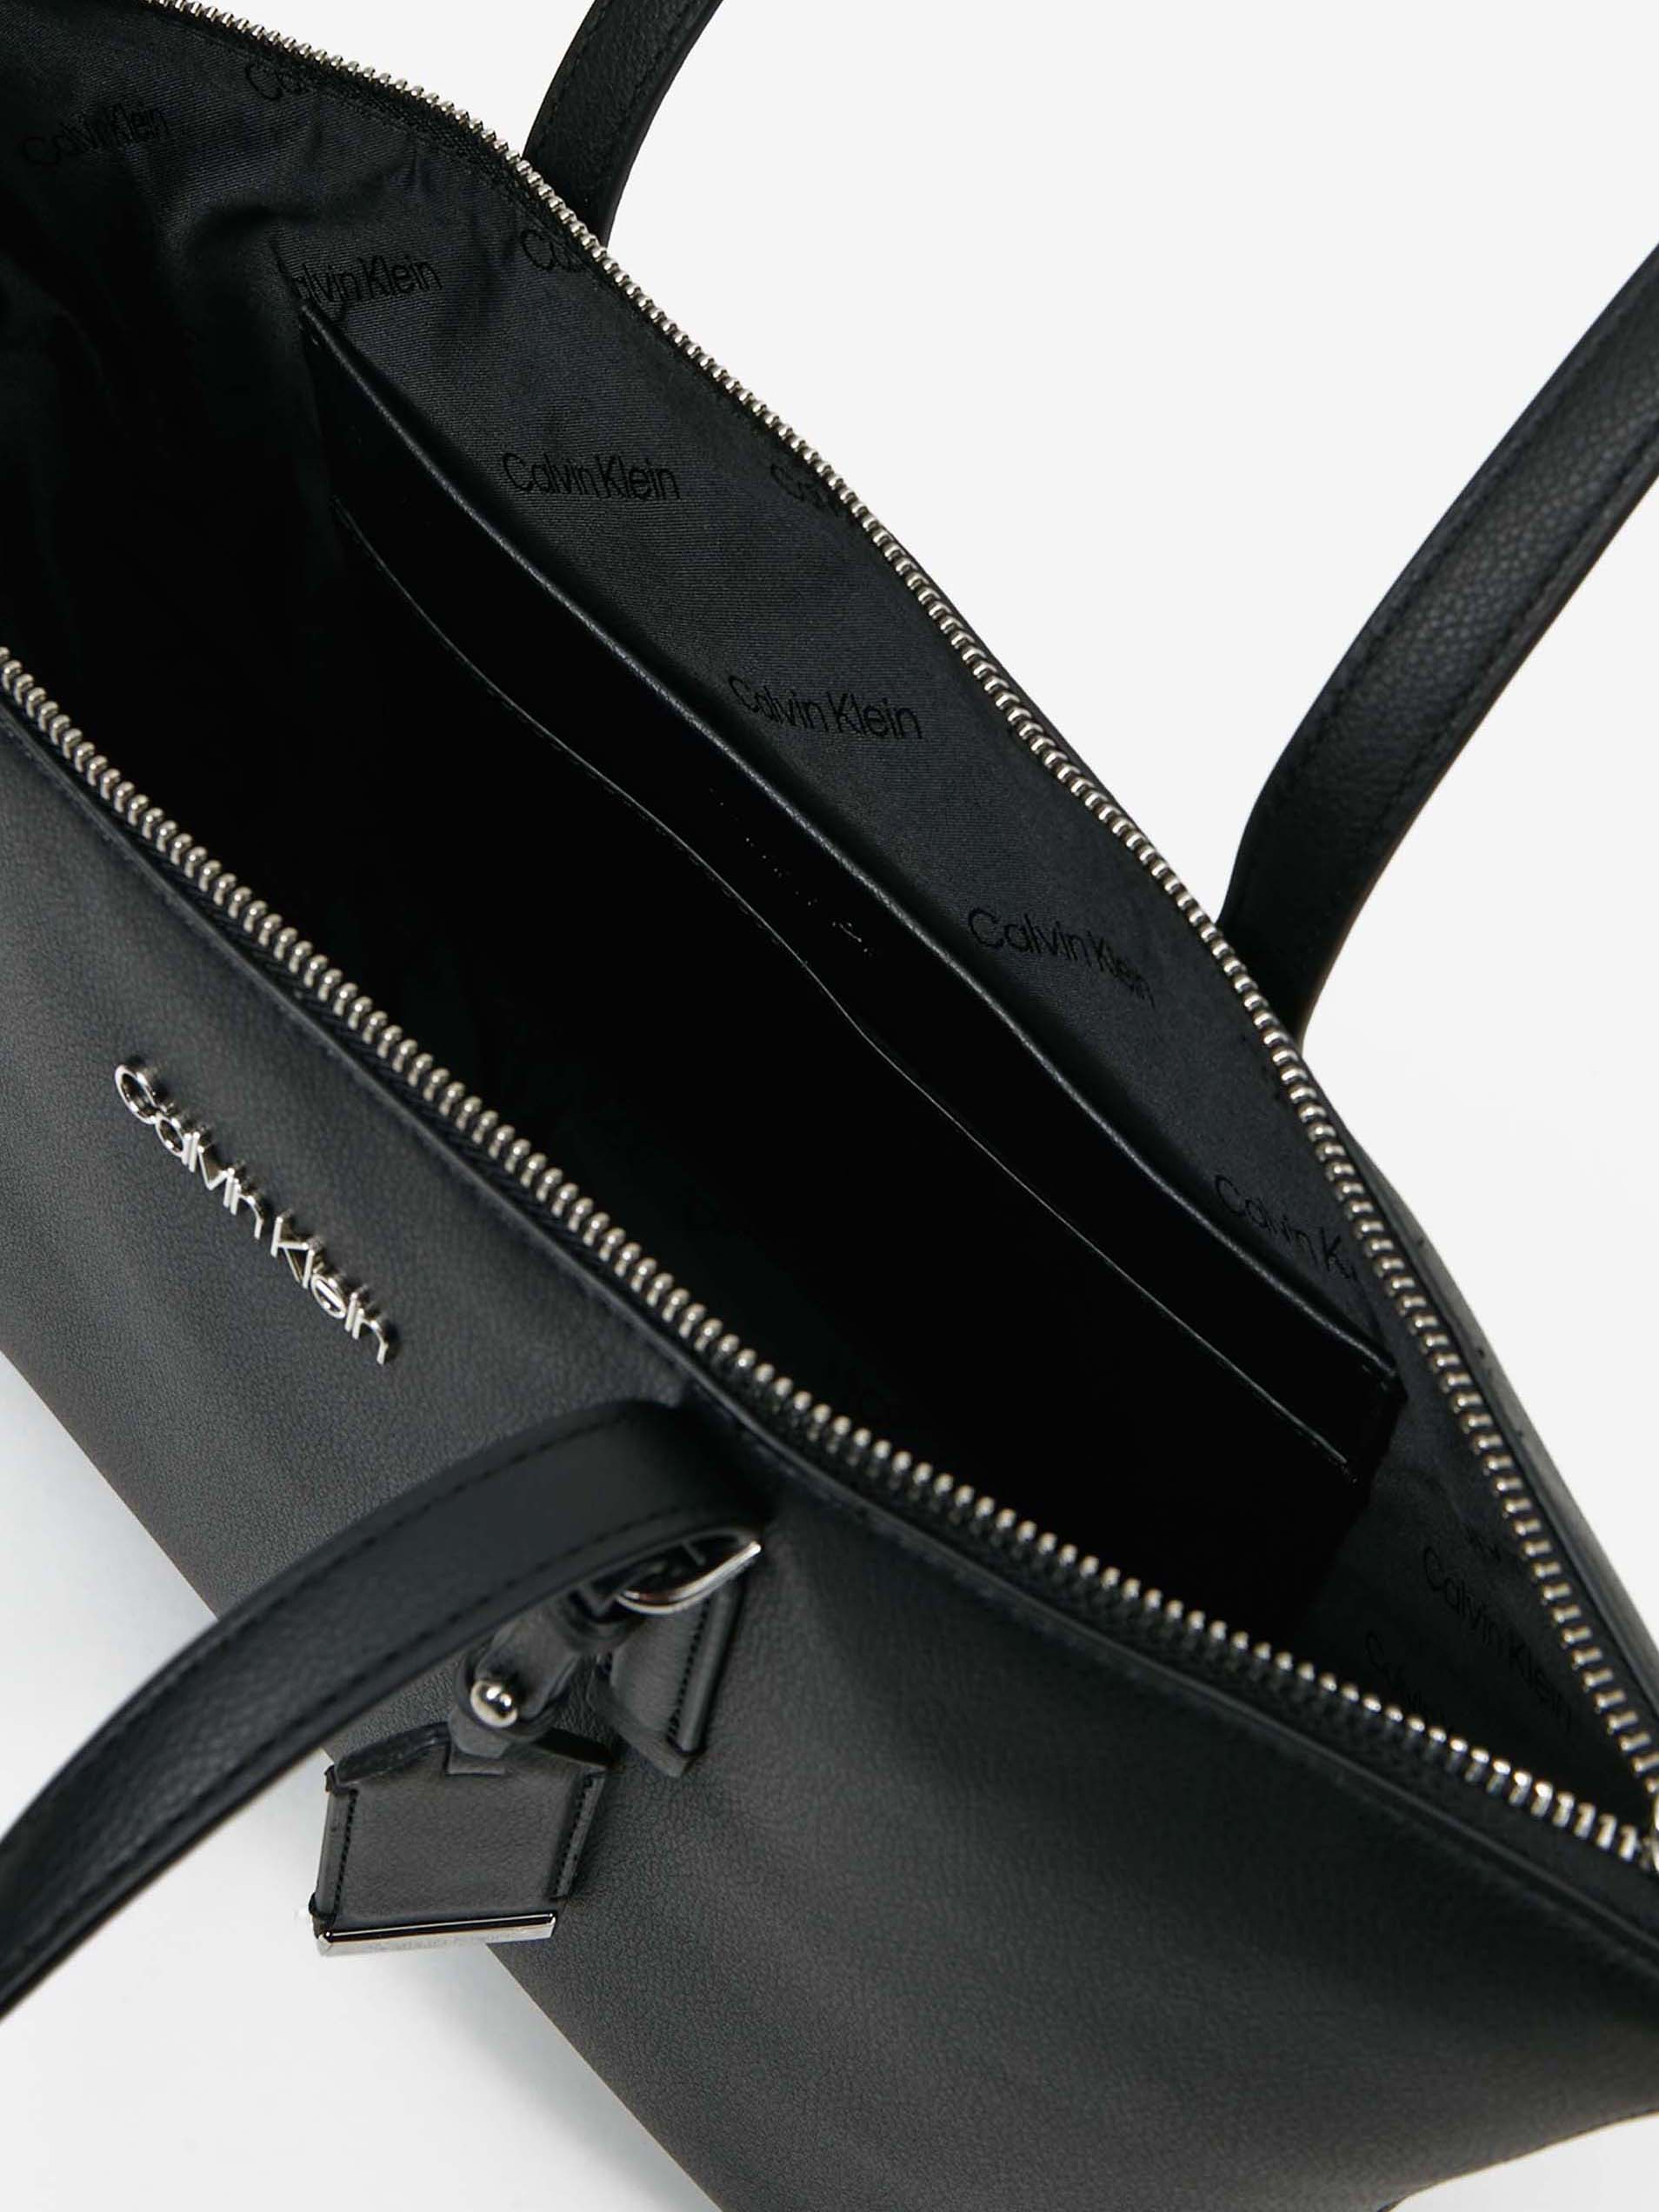 Calvin Klein black handbag